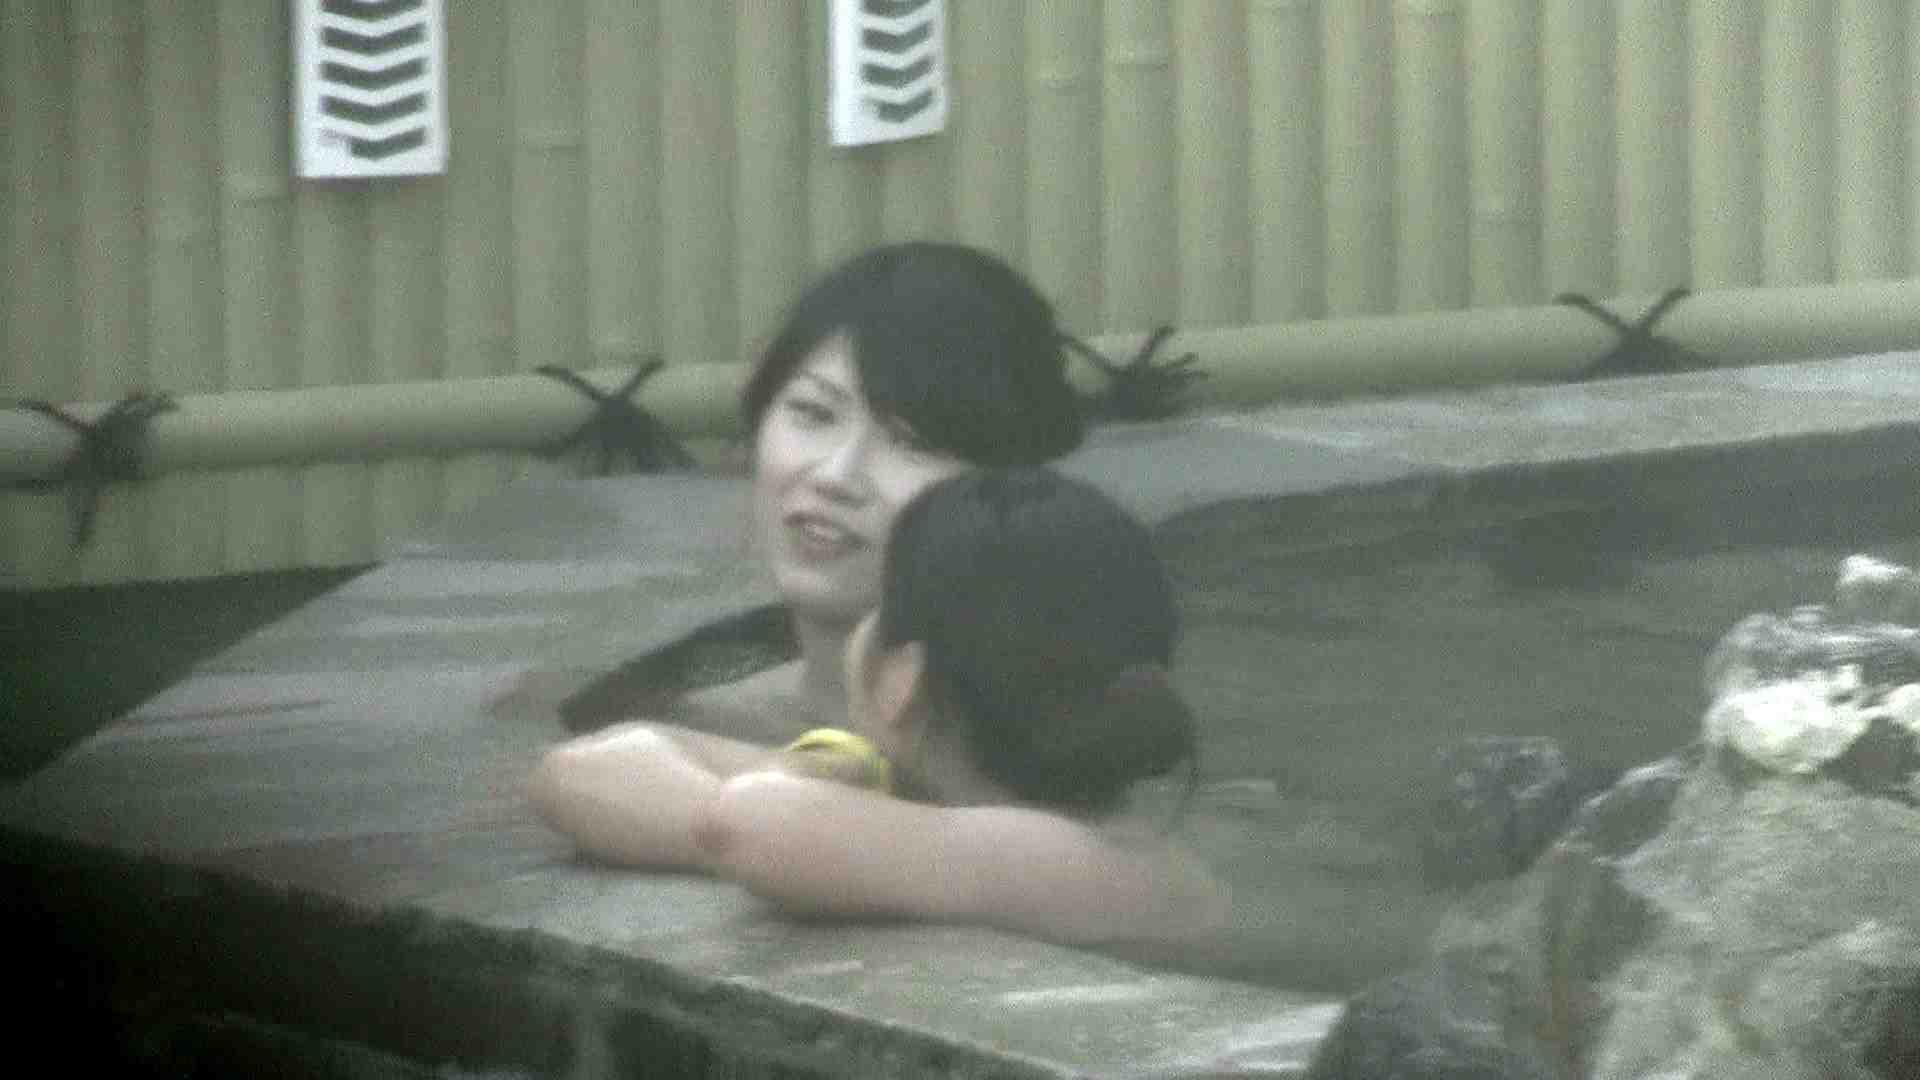 Aquaな露天風呂Vol.206 盗撮シリーズ  80PIX 36